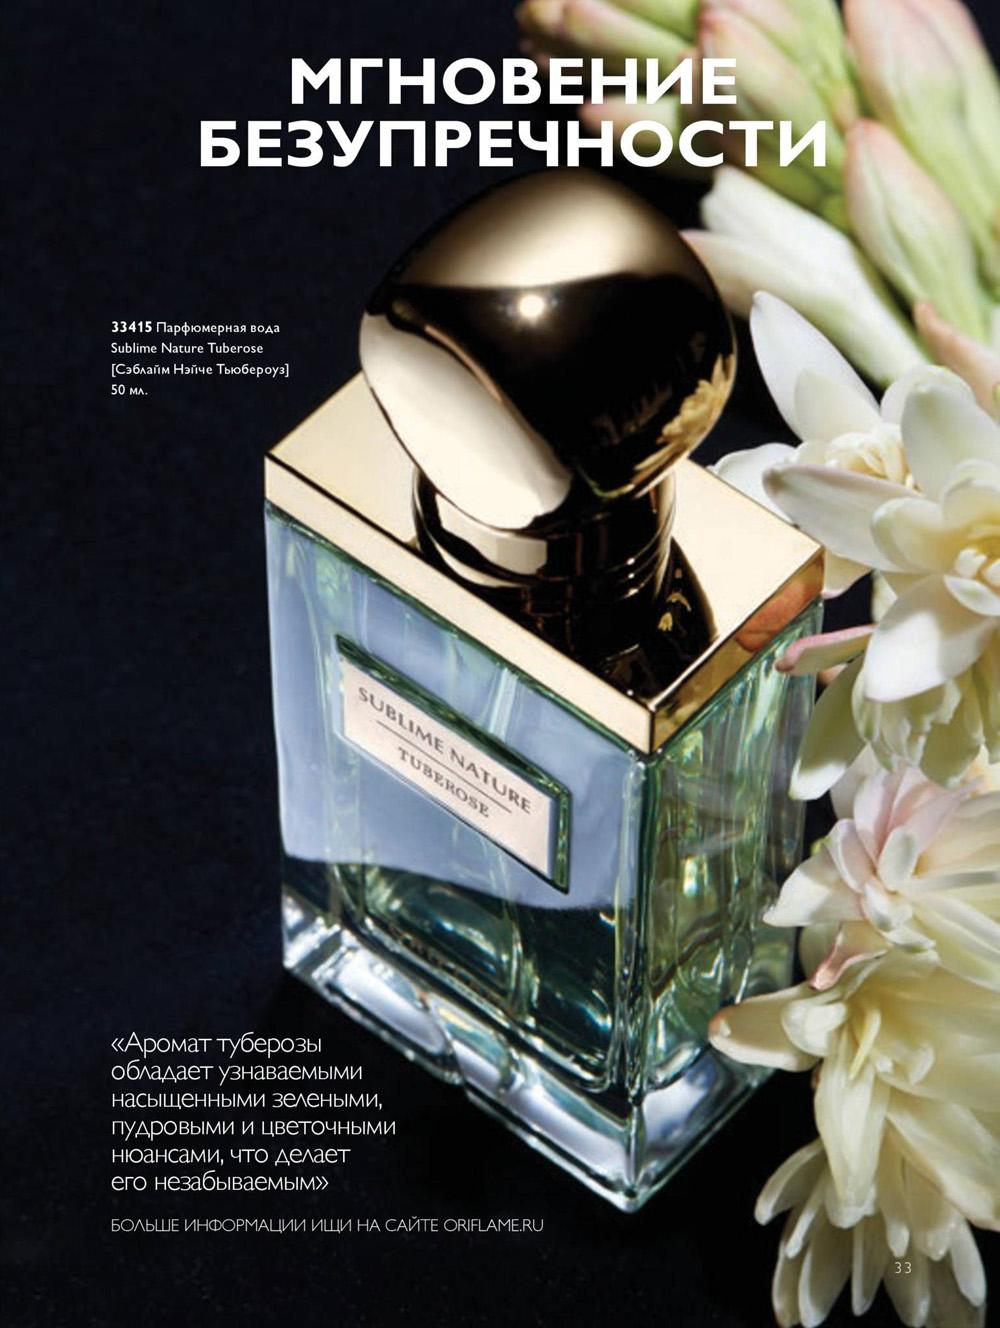 Старица 33, книга красоты Орифлейм Лето 2018, Россия